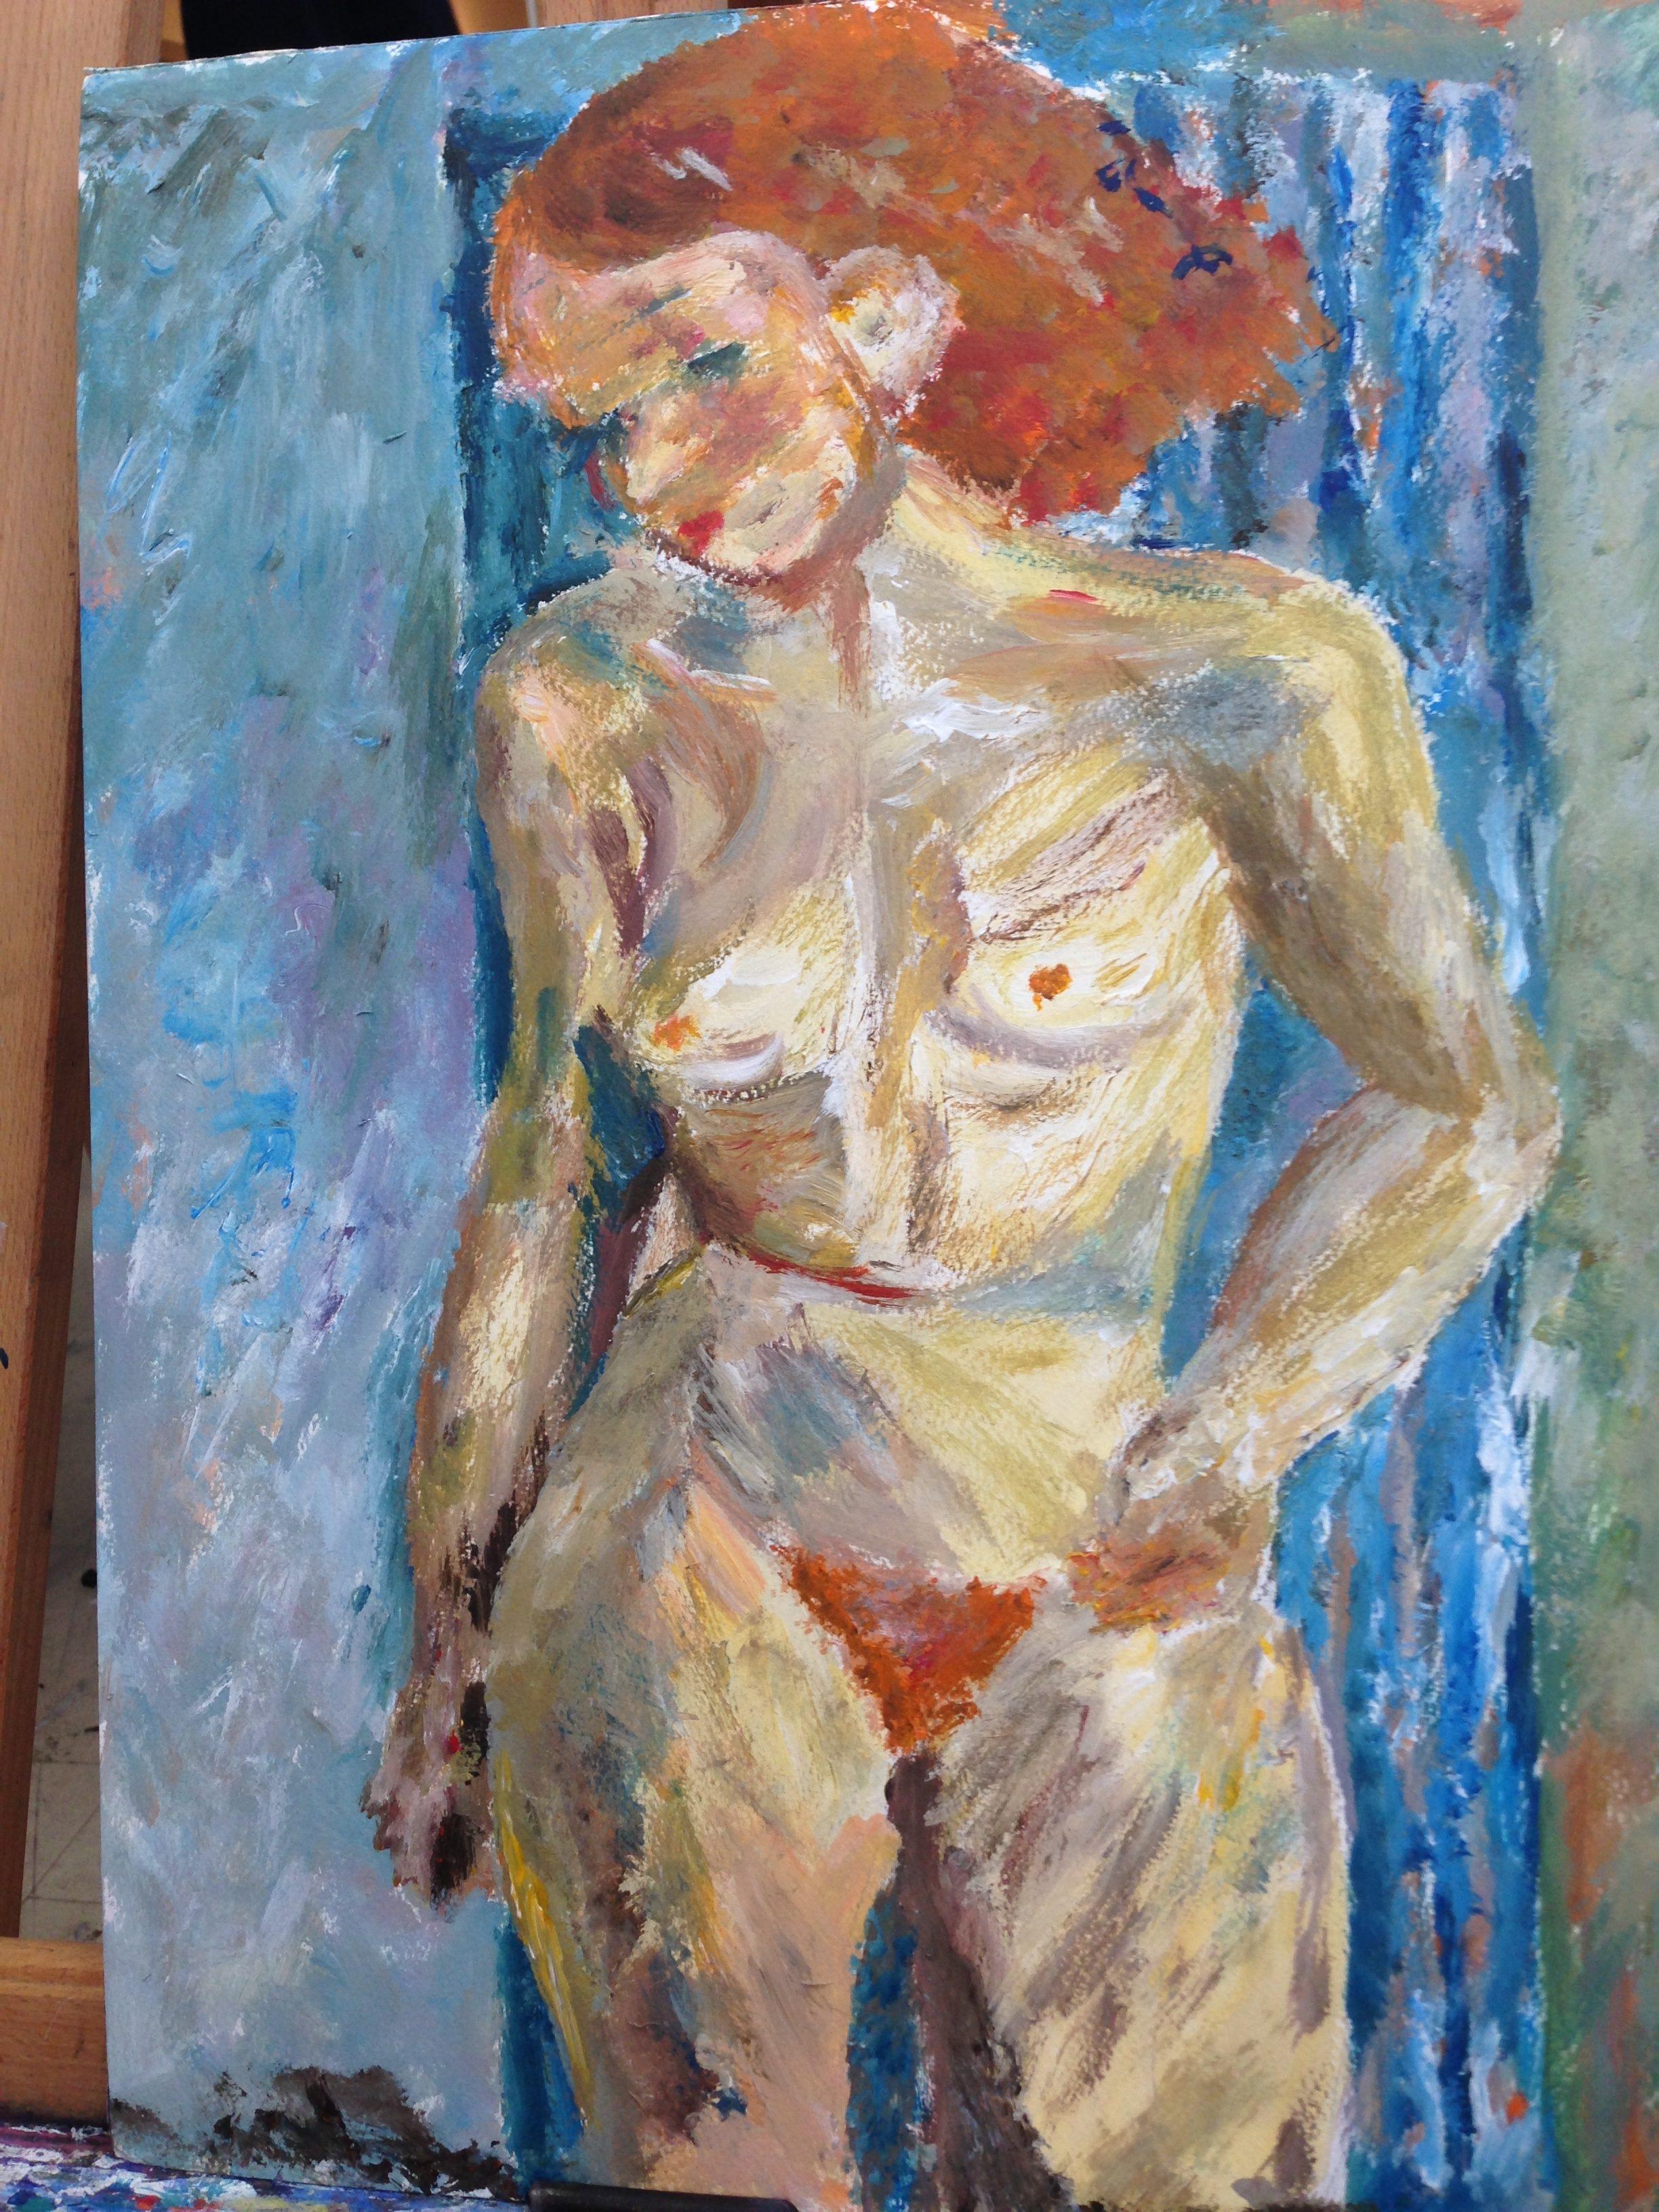 Rödhåriga damen (parafras insp av Inge Schiöler) olja på duk 92 x 73 cm Pris 900:-